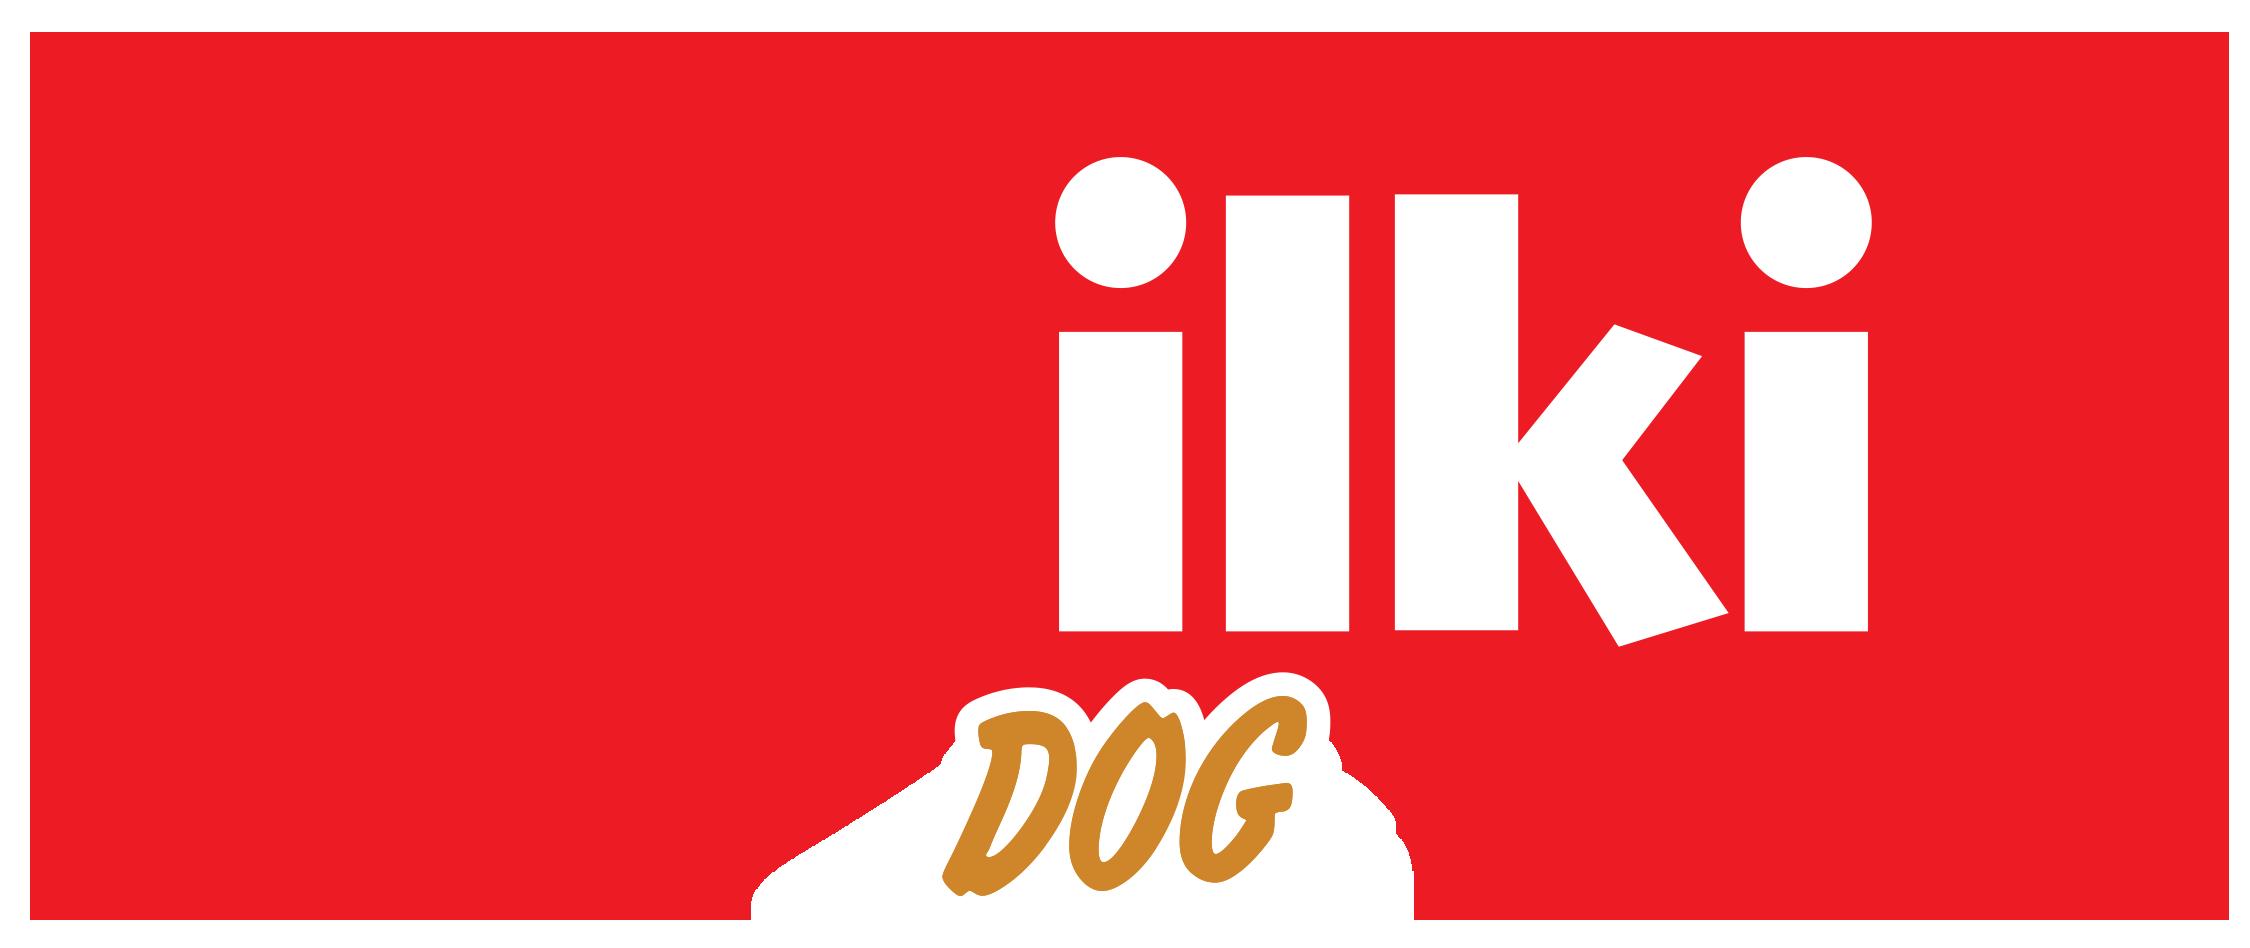 Milki dog